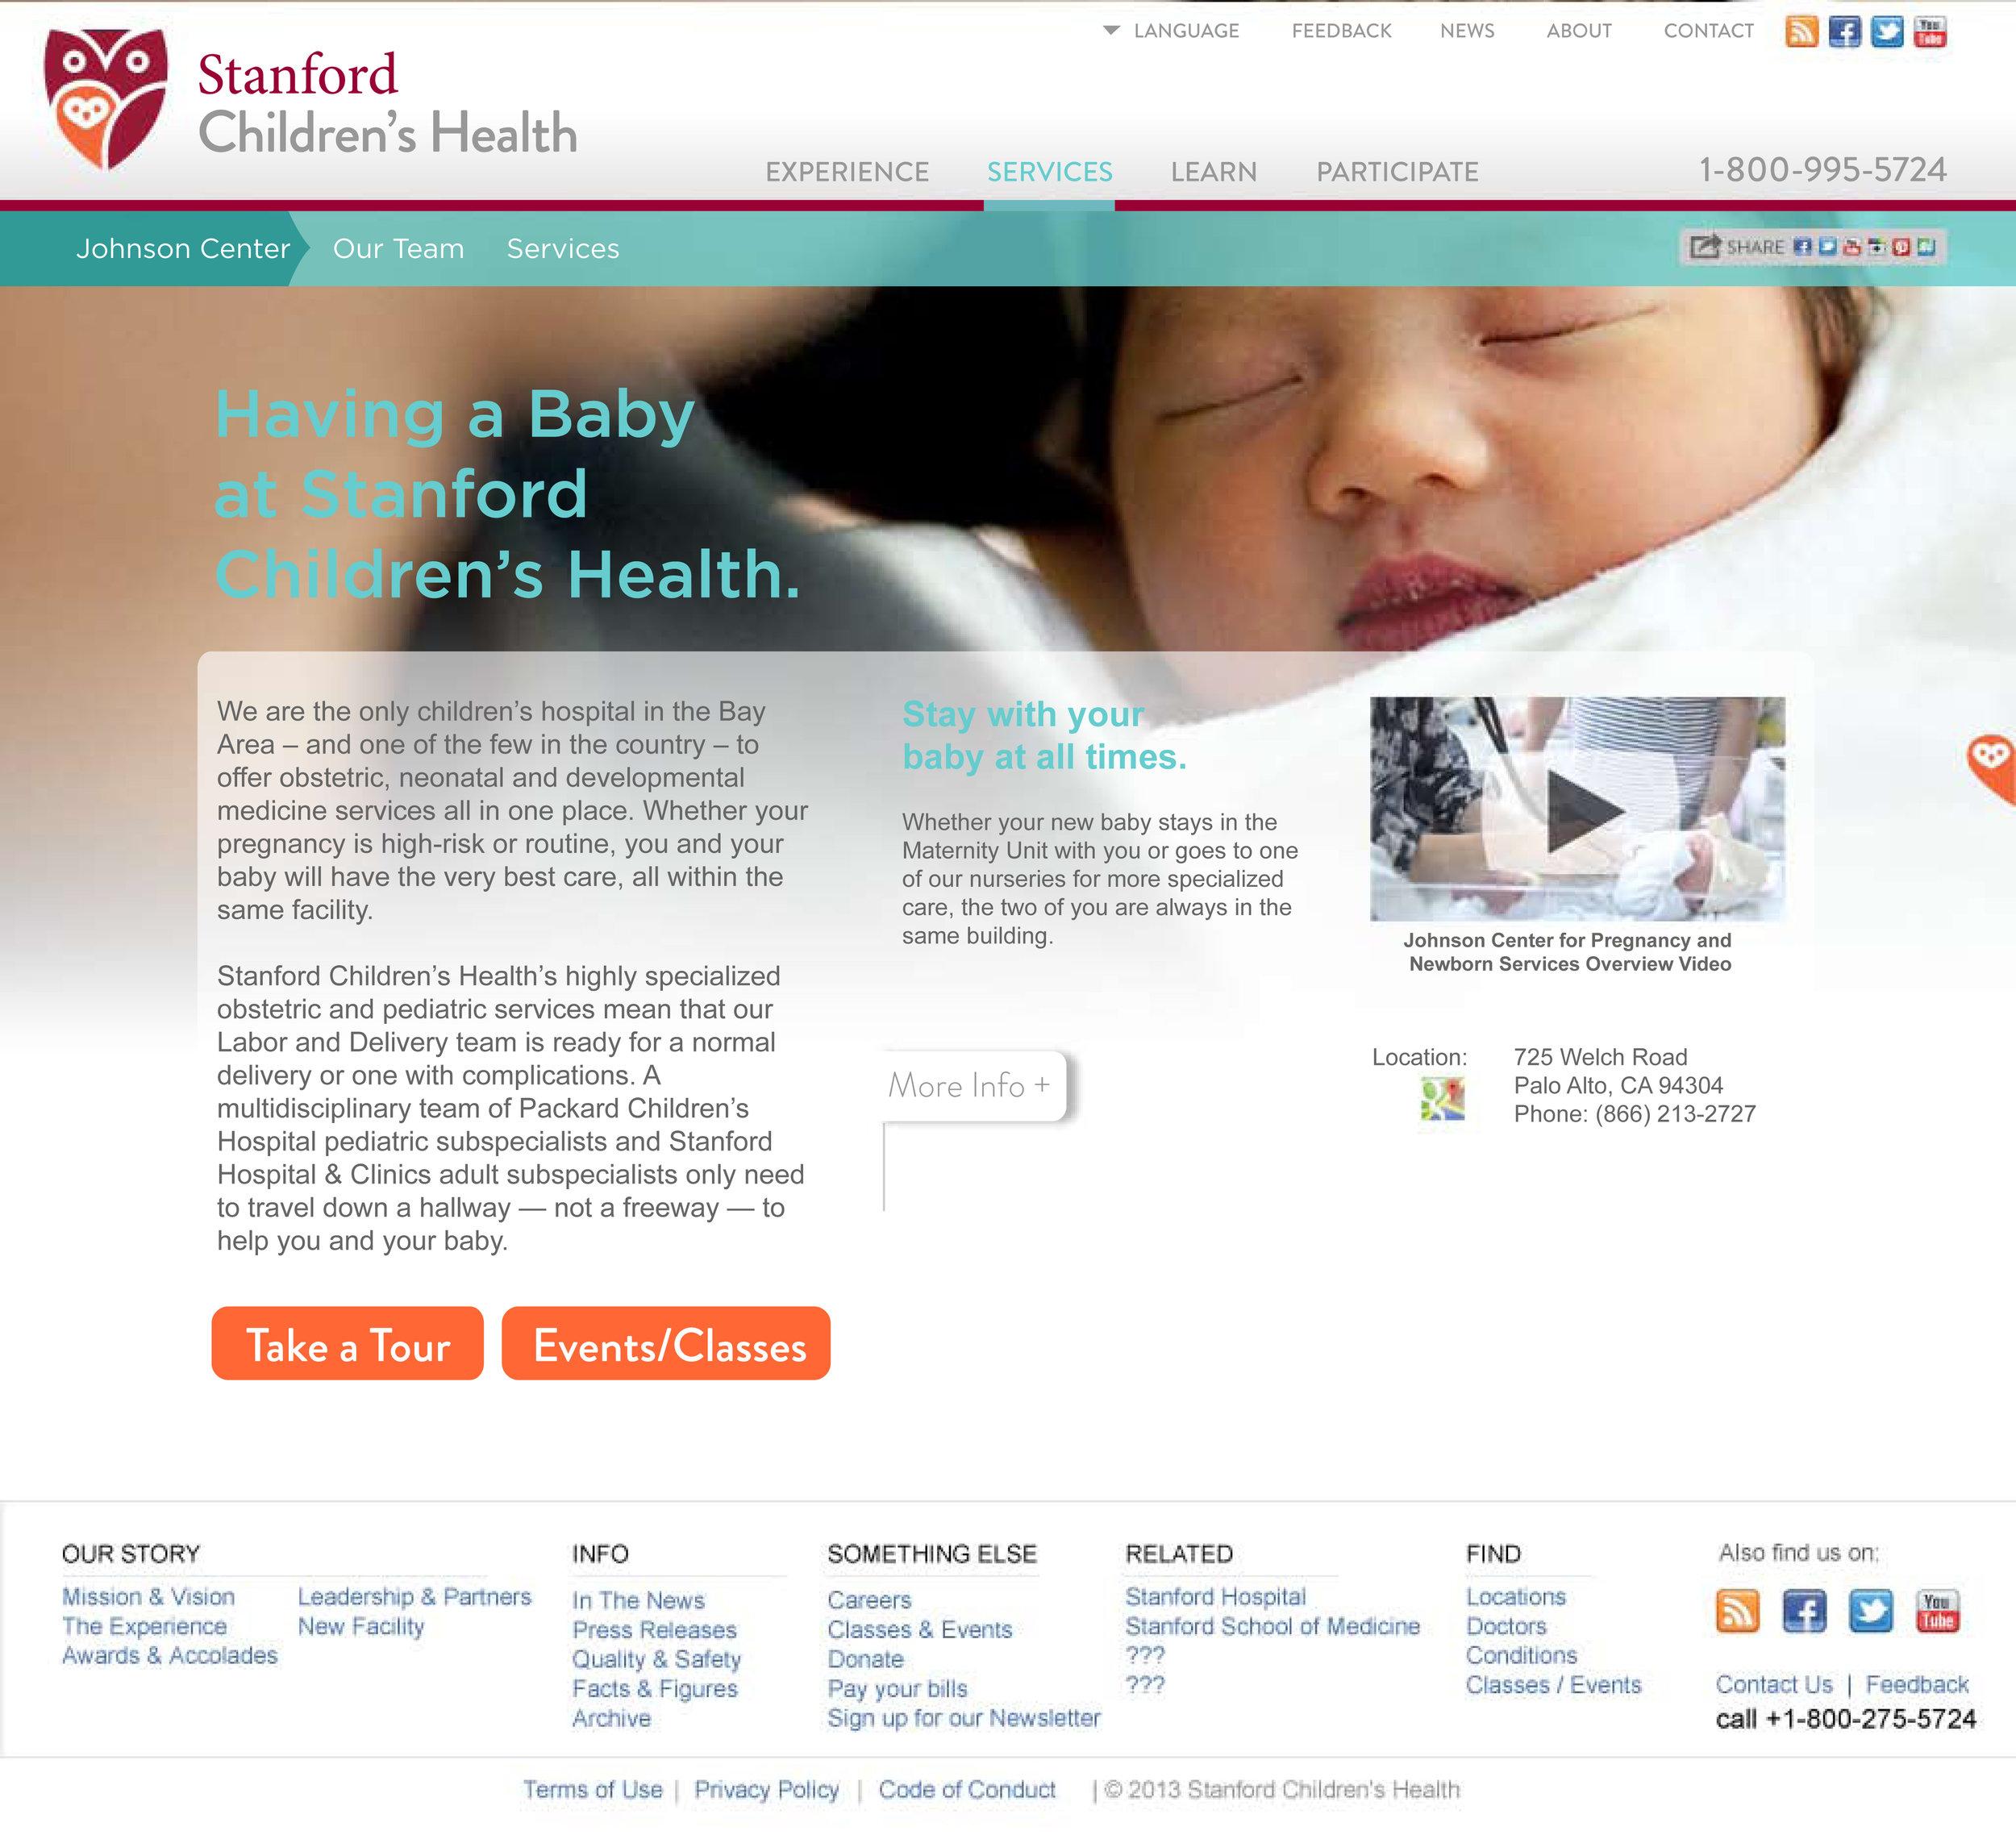 Stanford Children's Health Website Child Birth